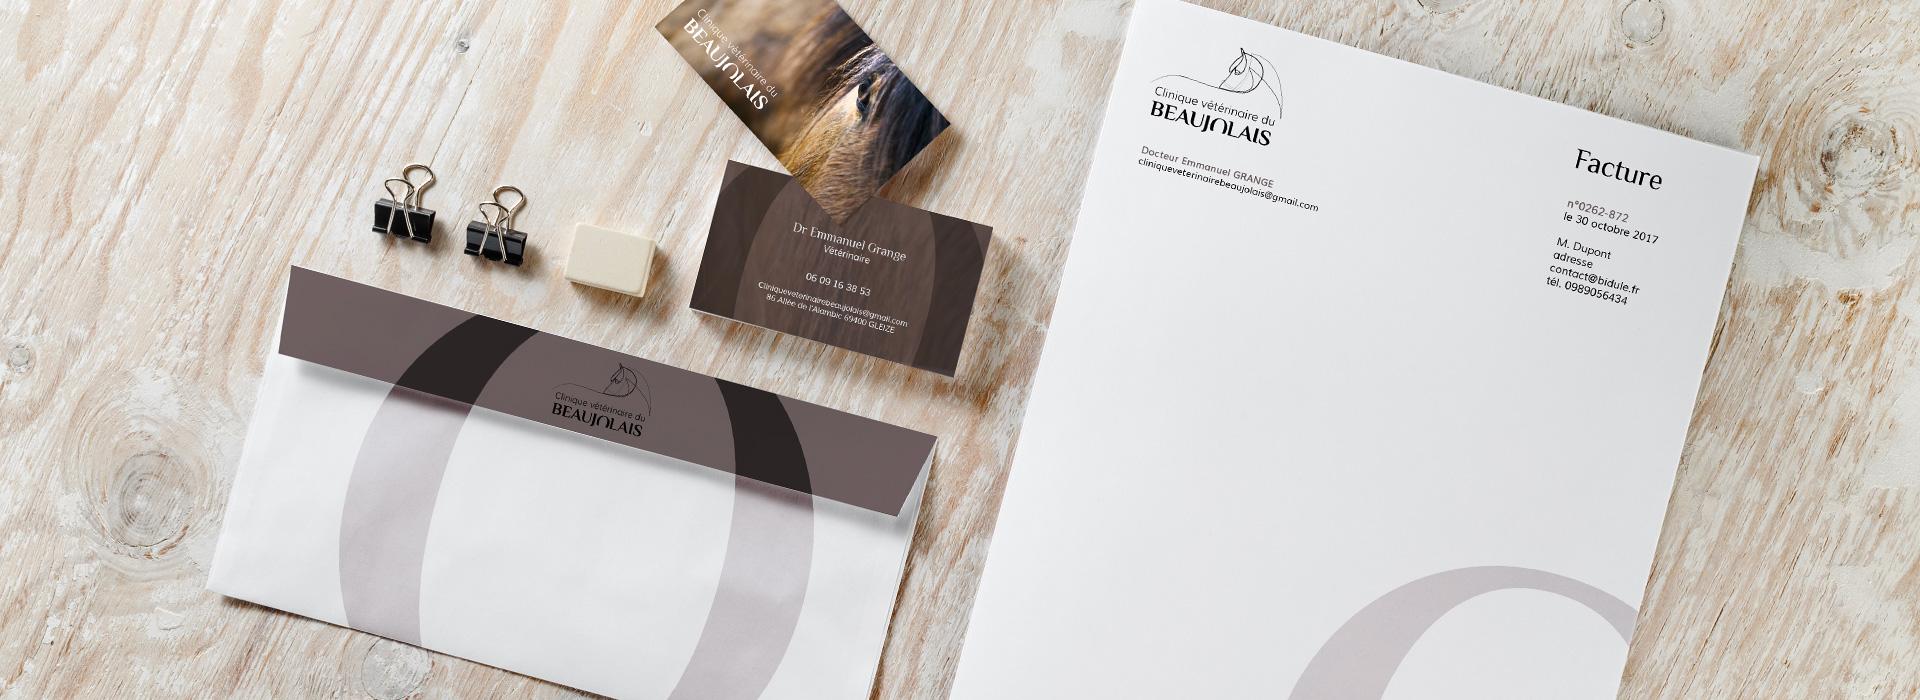 Déclinaison de la charte graphique de la Clinique Vétérinaire du Beaujolais sur différents supports de communication : carte de visite, enveloppe, papier à entête...